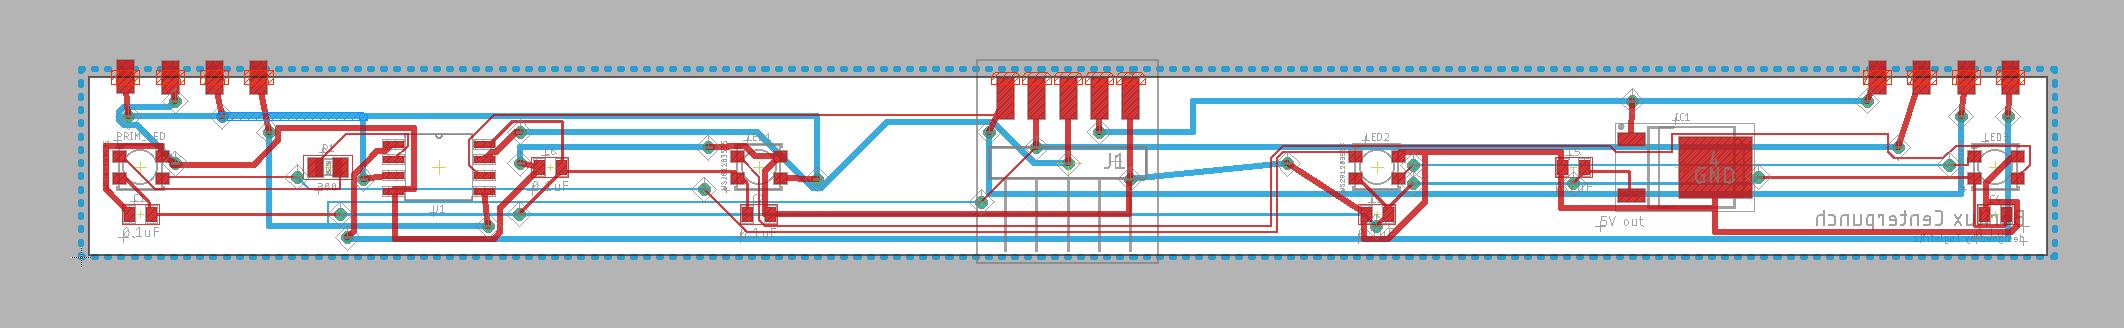 Borilux controller design.png